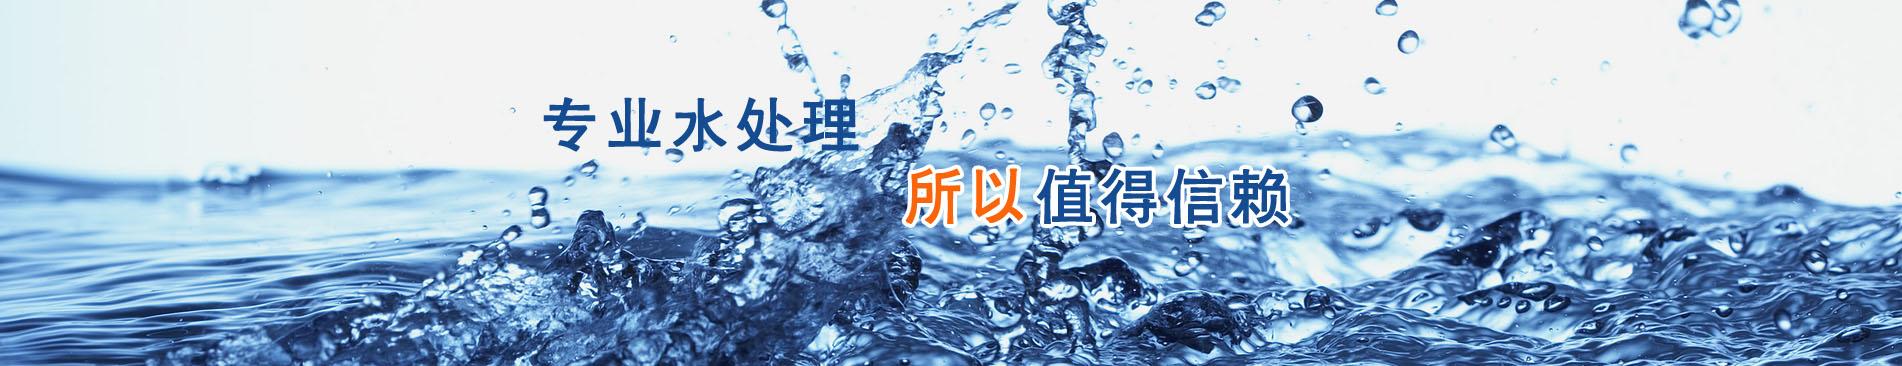 湖北污水处理